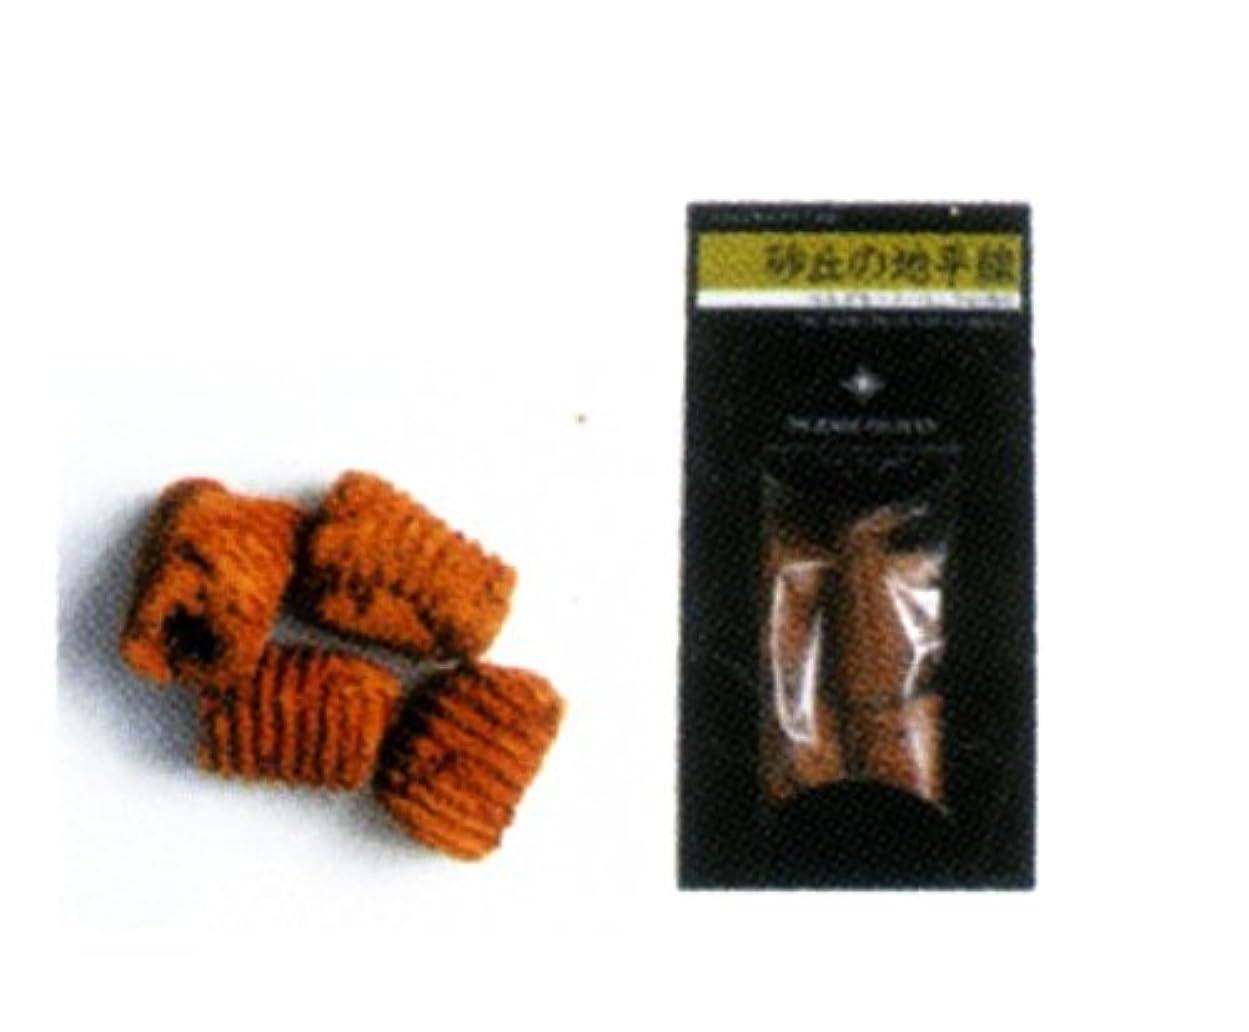 知覚する作りウェイドインセンスヘブン(100%天然手作りのお香) 砂丘の地平線